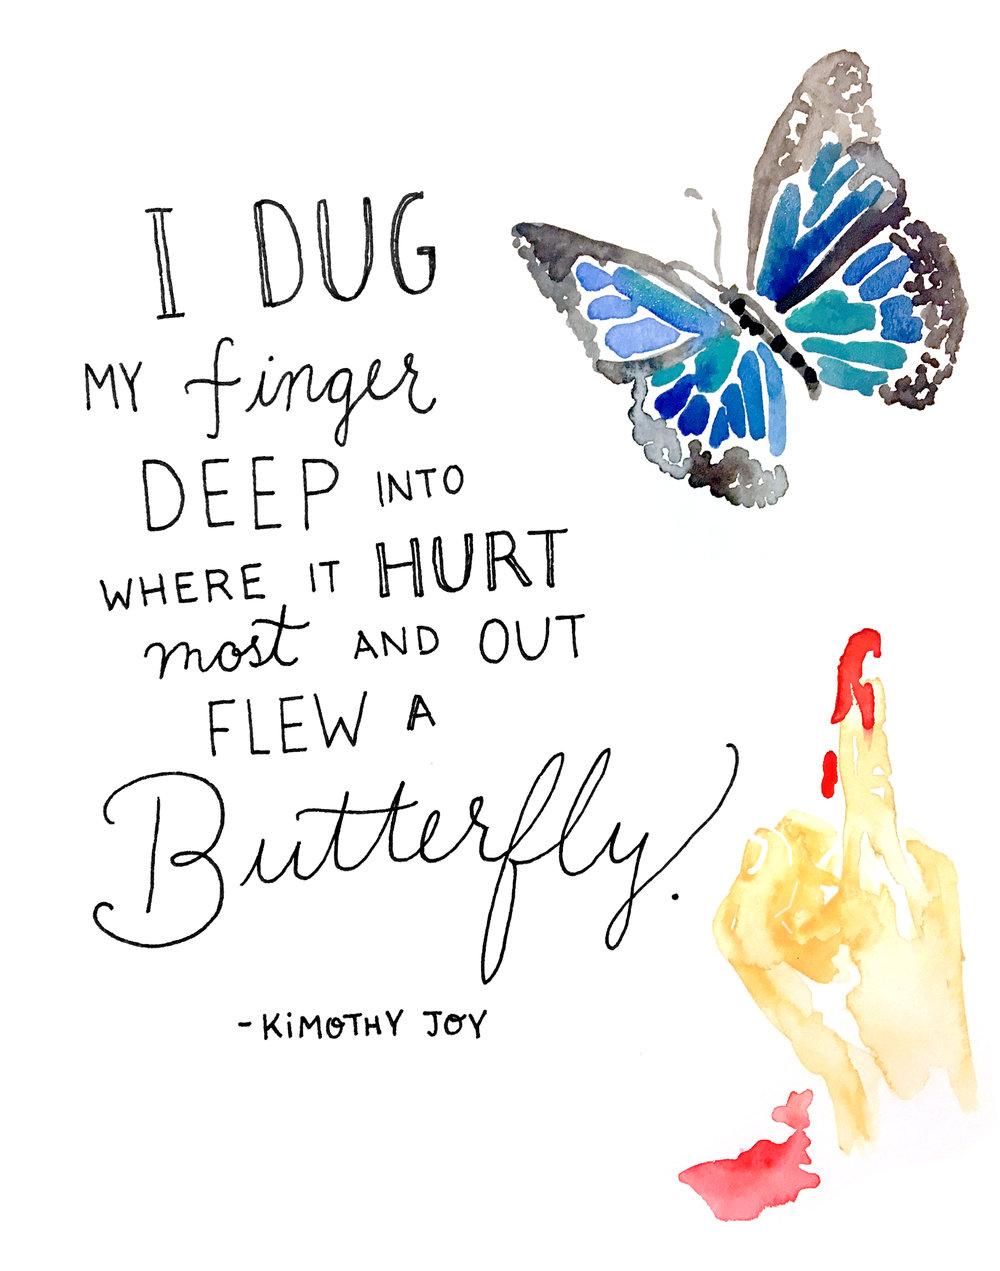 Butterfly_Idugindeep.jpg